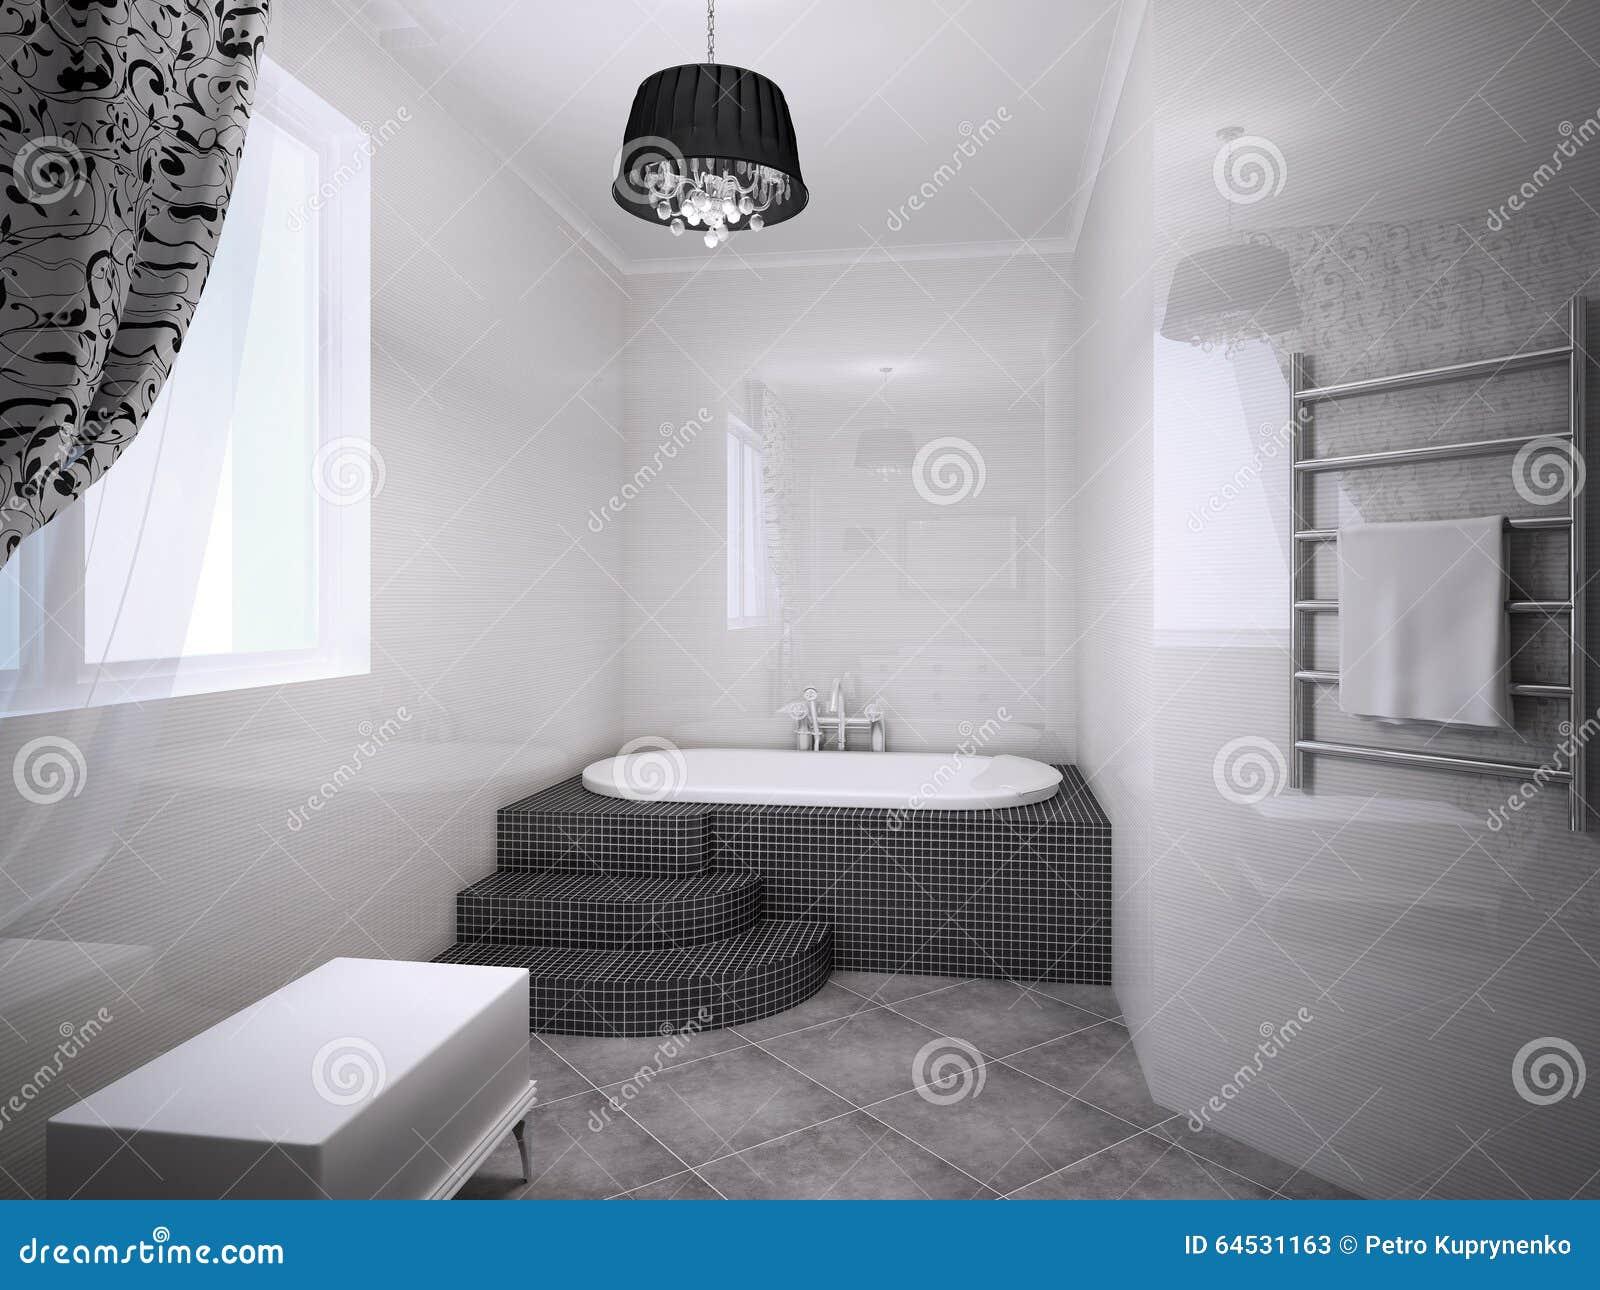 sch nes badezimmer mit jacuzzi stockbild bild von t r badezimmer 64531163. Black Bedroom Furniture Sets. Home Design Ideas